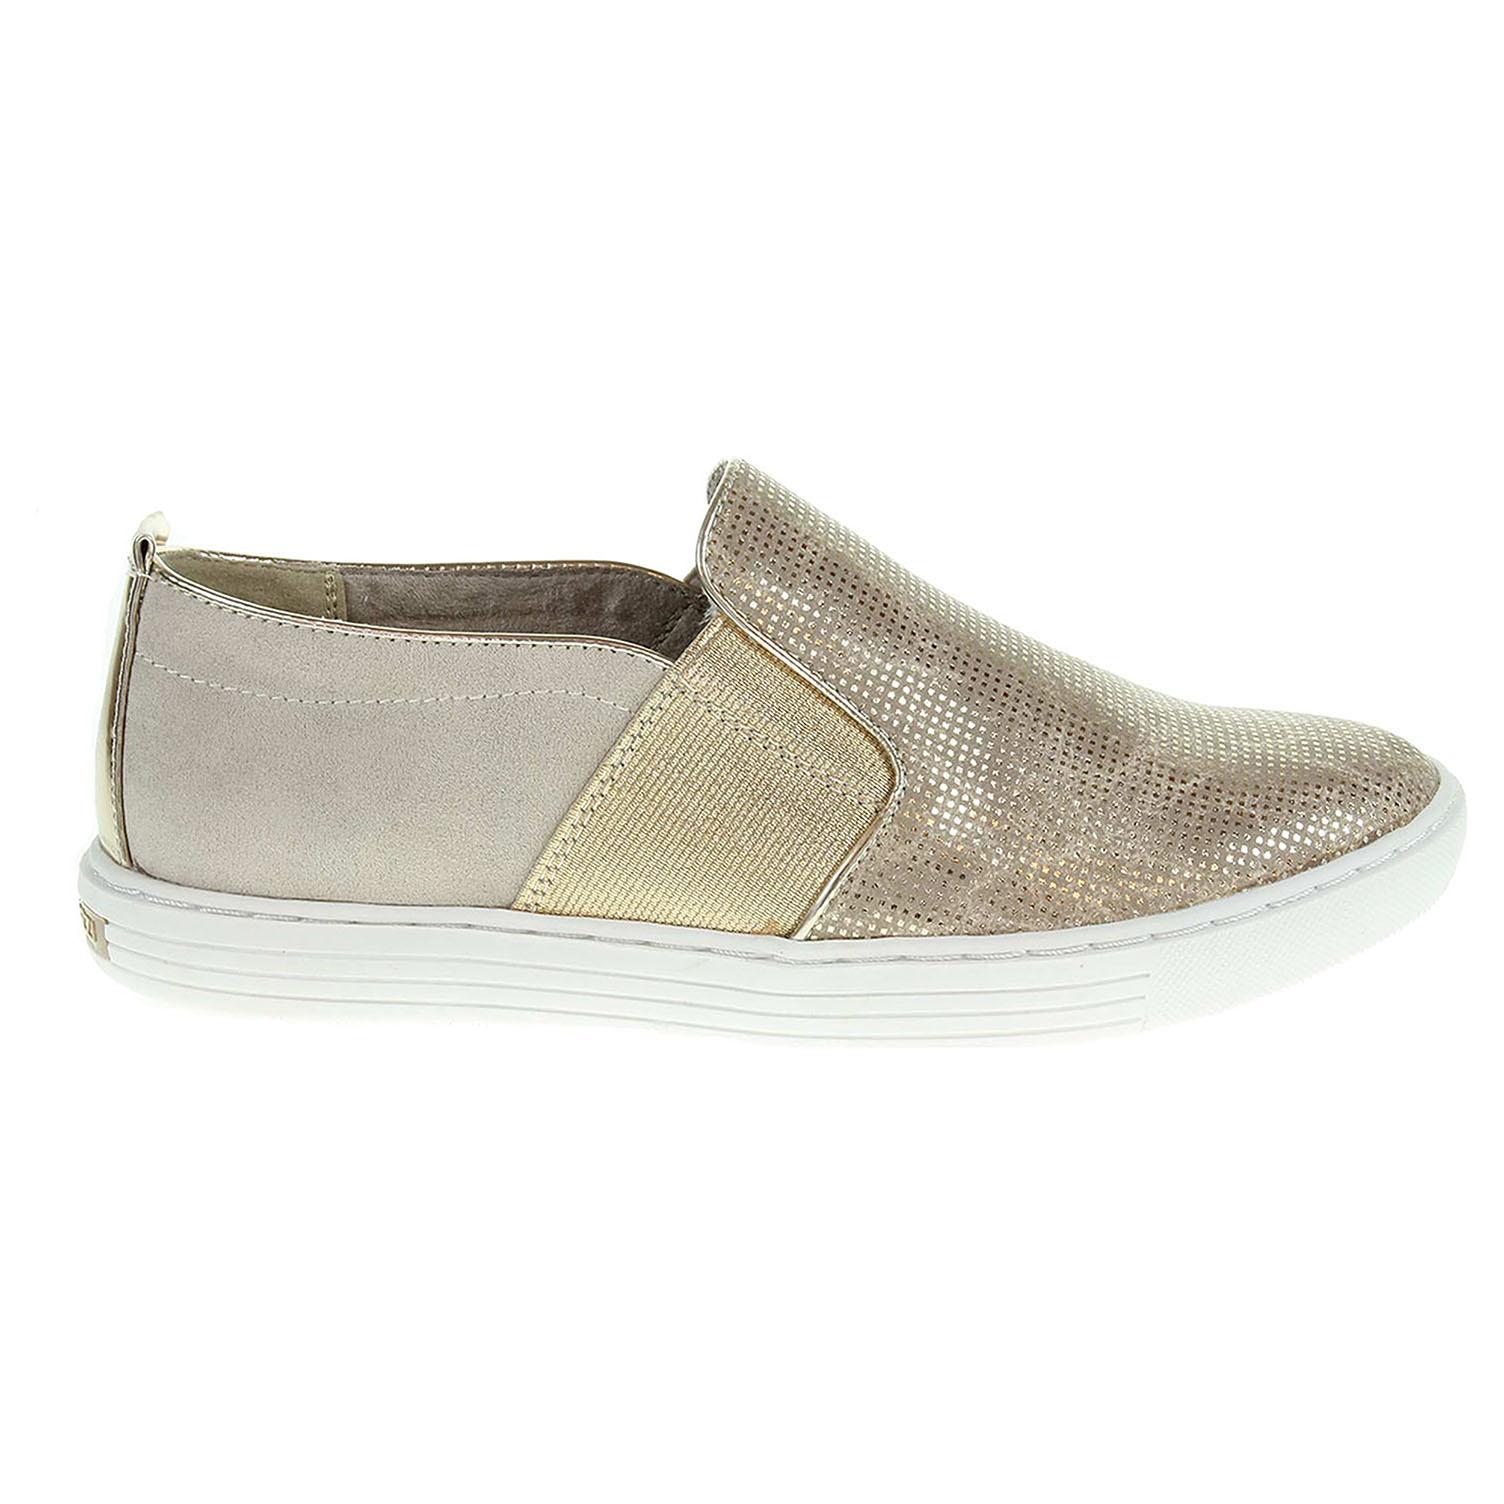 Ecco Marco Tozzi dívčí obuv 2-44200-28 zlatá-béžová 26600121